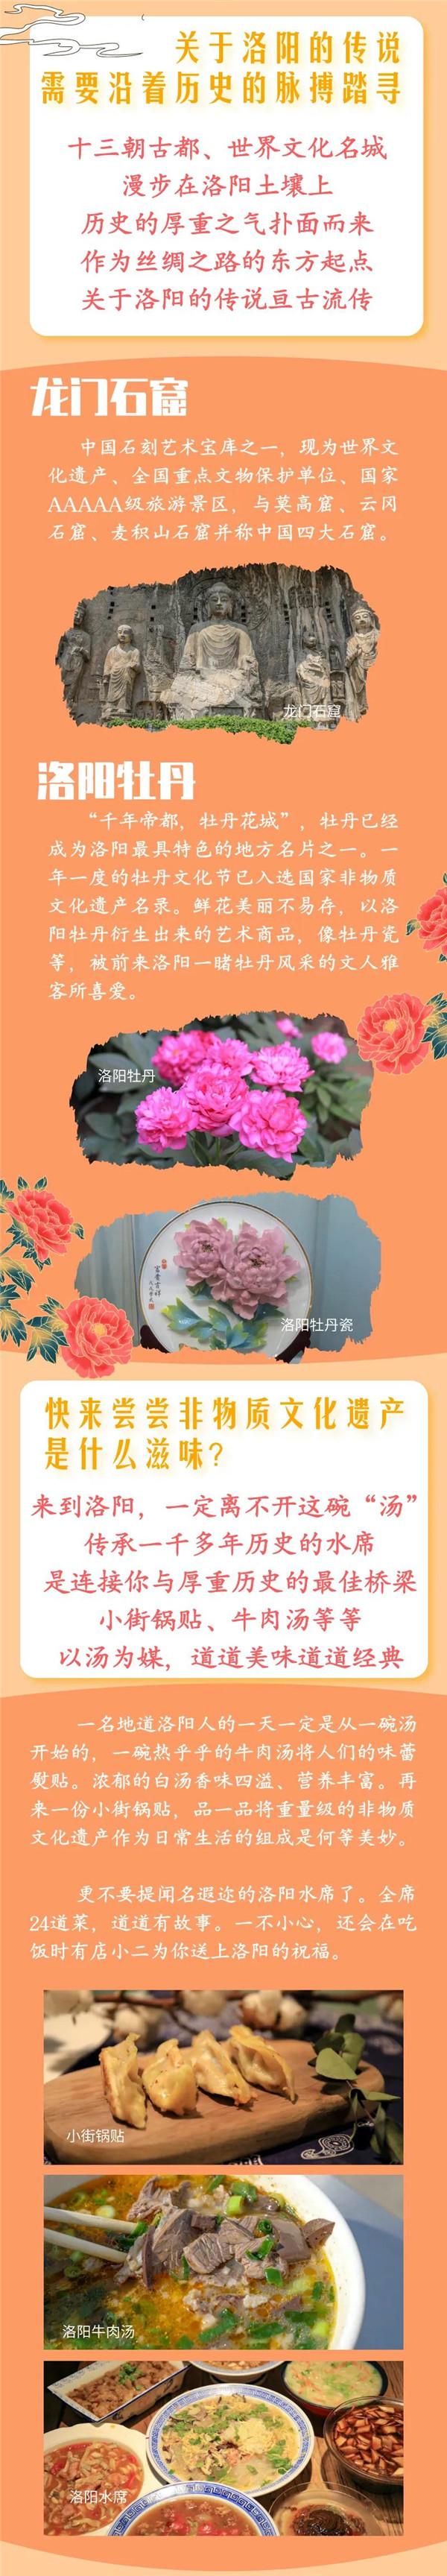 20200507郑州银行行长代言-3.jpg